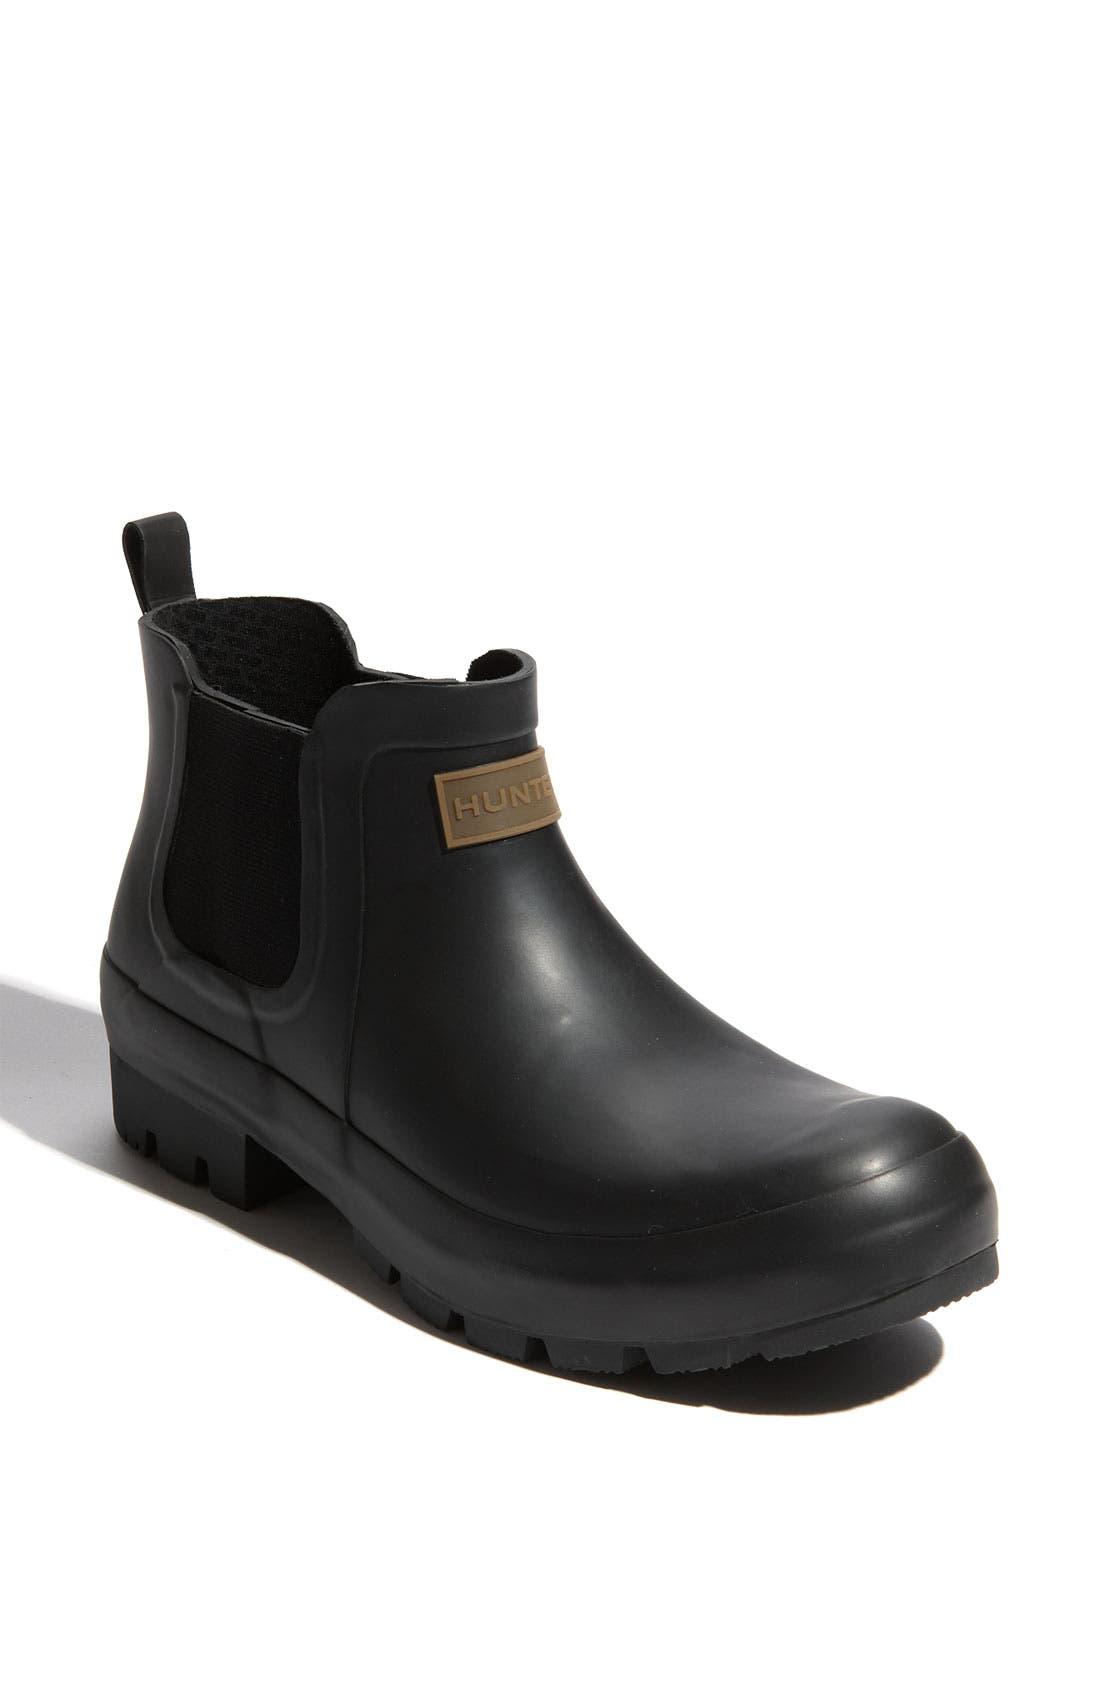 Alternate Image 1 Selected - Hunter 'Andrew' Rain Boot (Men) (Online Only)